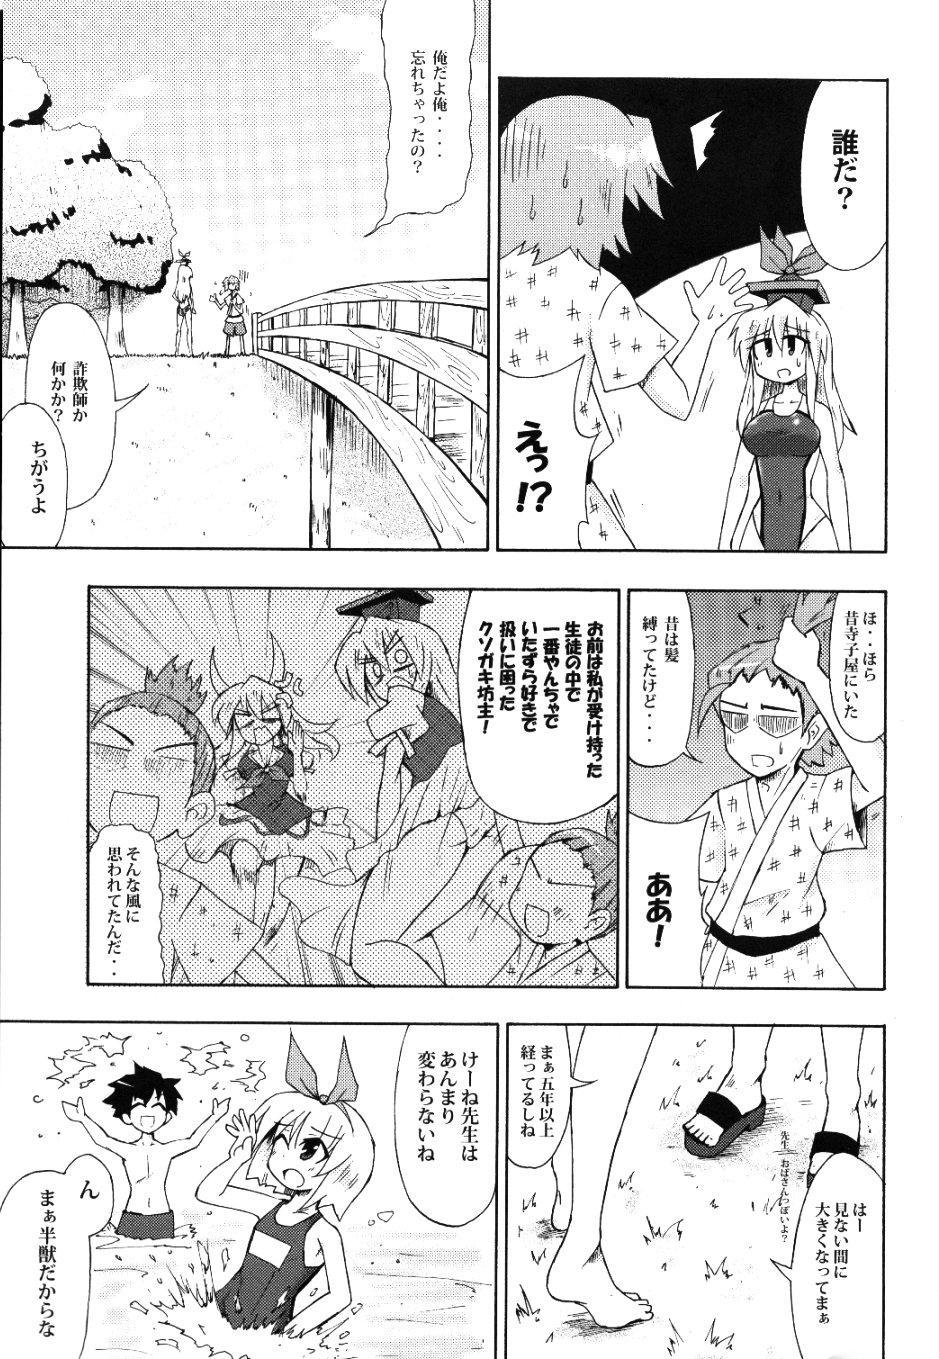 Shirasawa no Seseragi 5